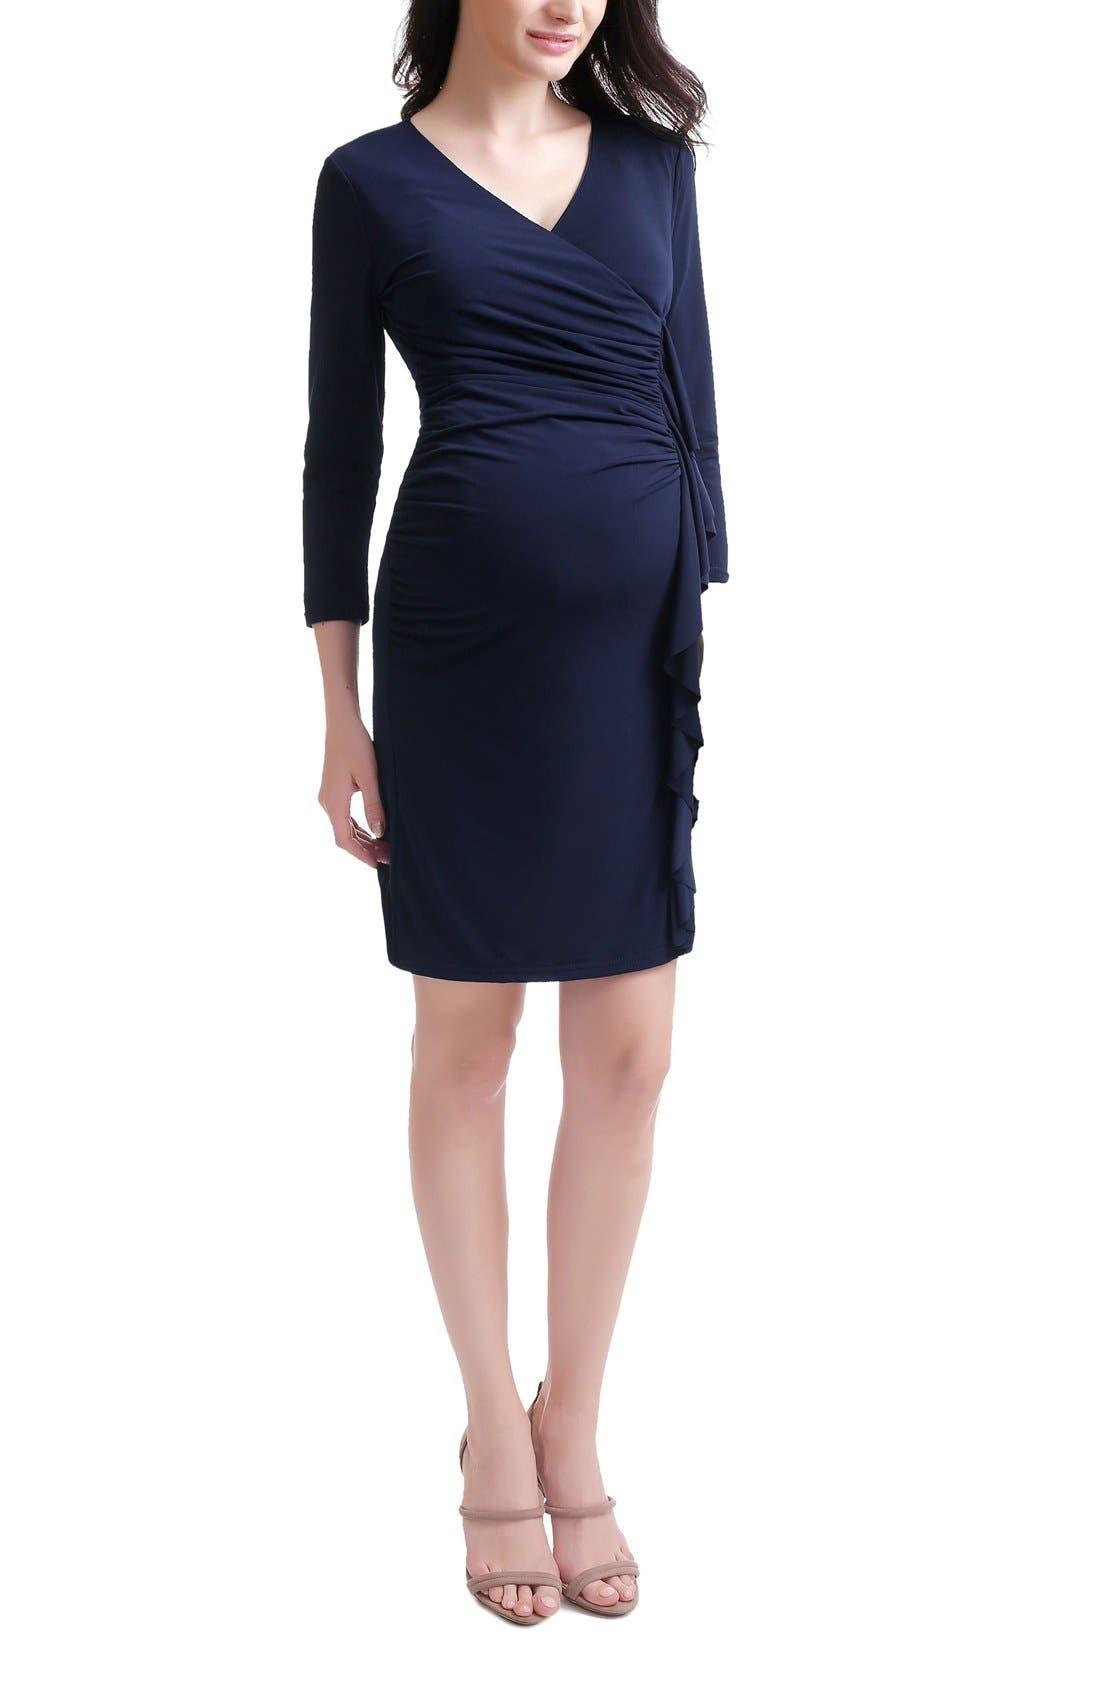 Gypsy Ruffle Maternity Dress,                         Main,                         color, Navy